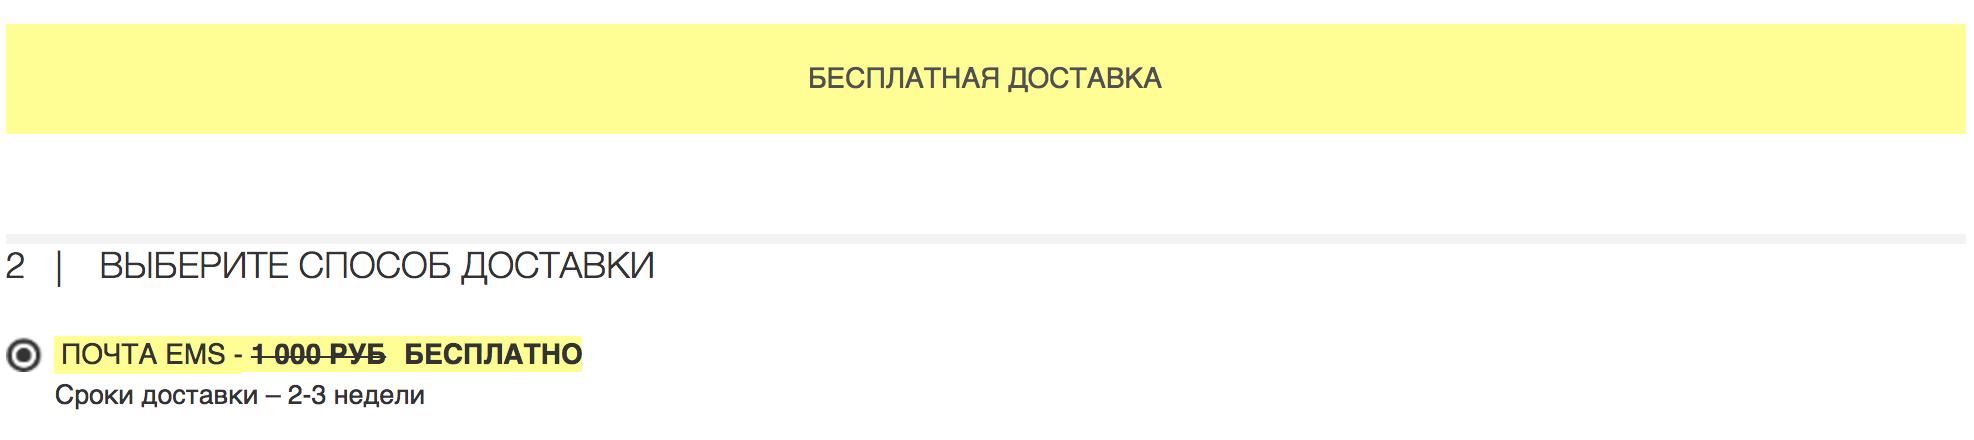 YOOX бесплатная доставка в Россию